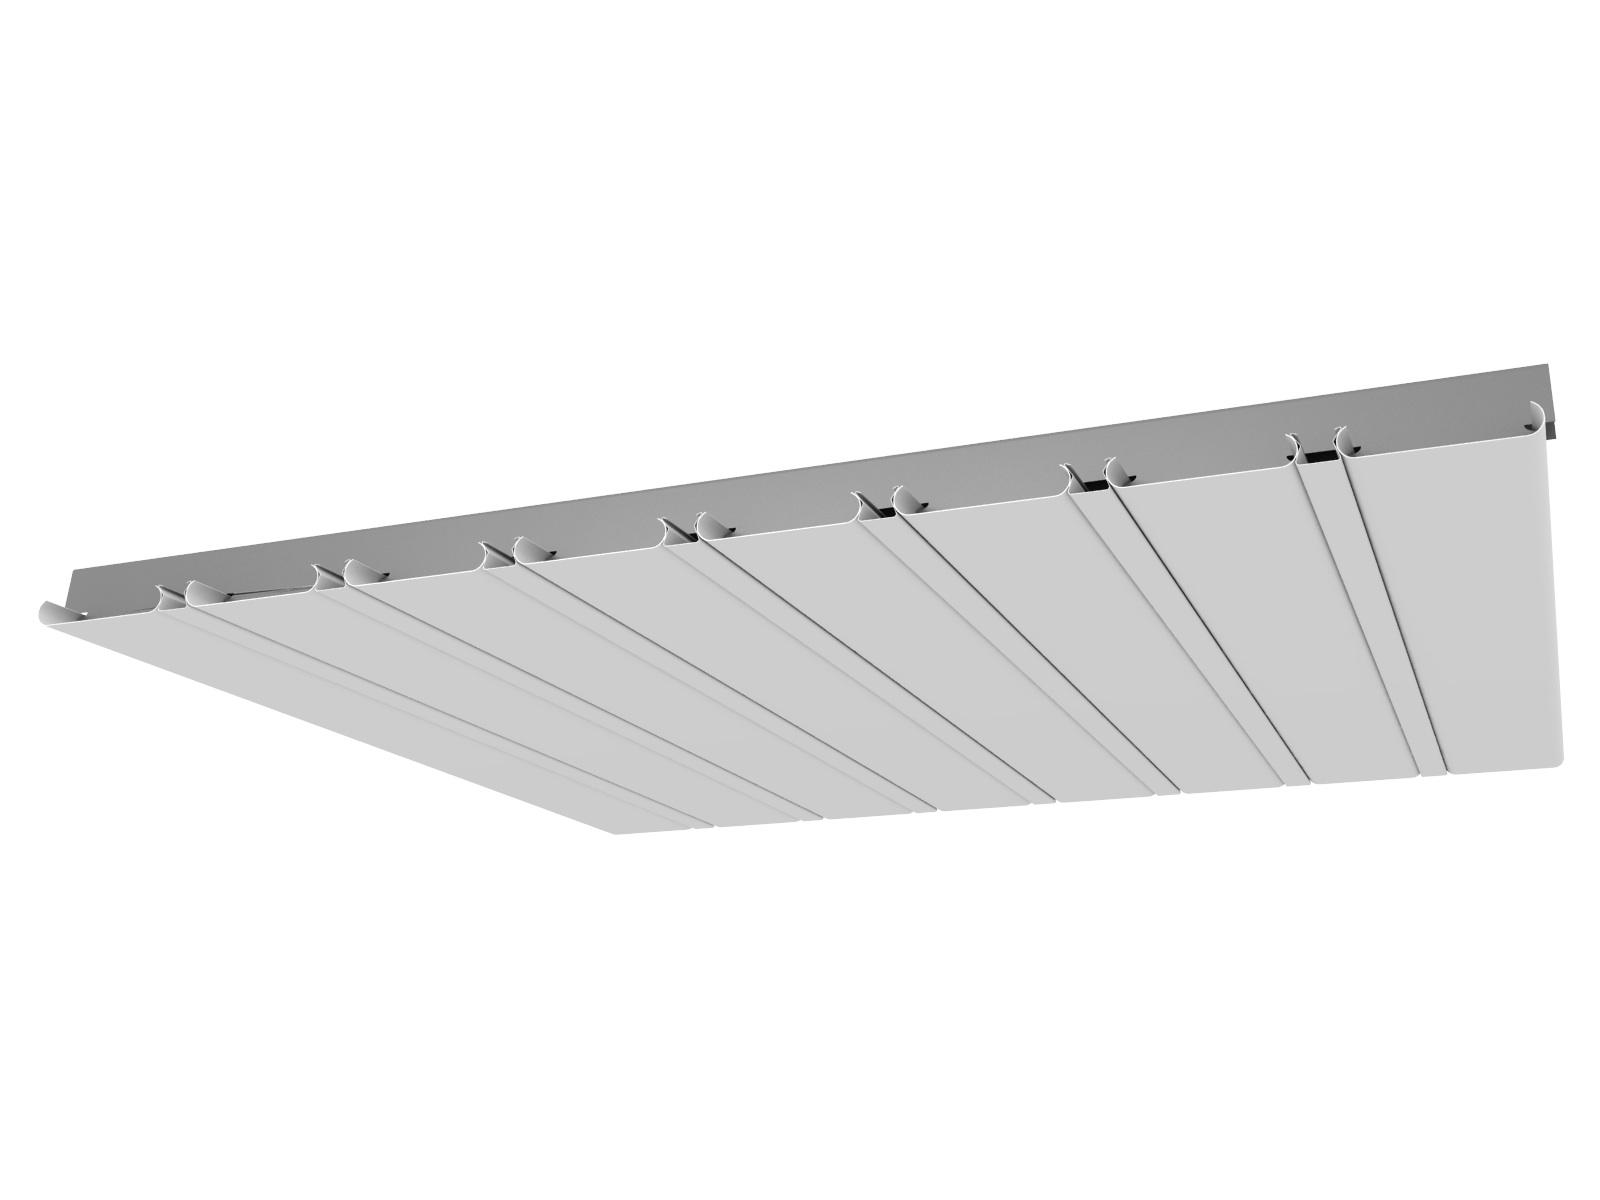 Реечный потолок ППР-84-внешний вид